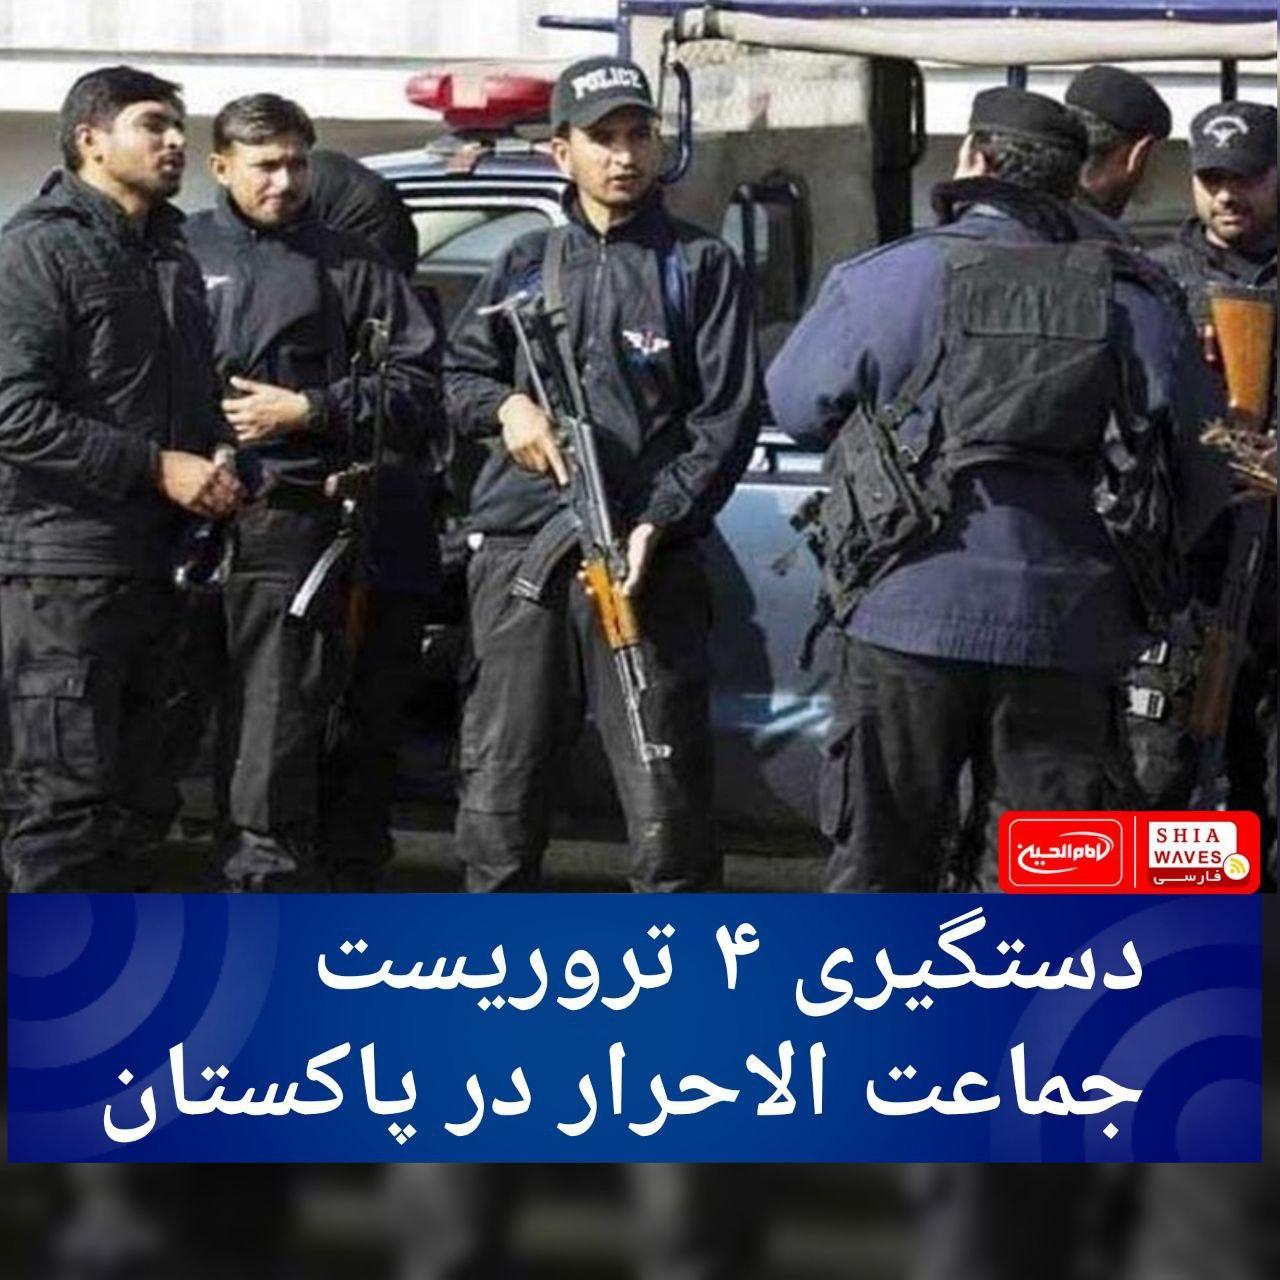 تصویر دستگیری ۴ تروریست جماعت الاحرار در پاکستان